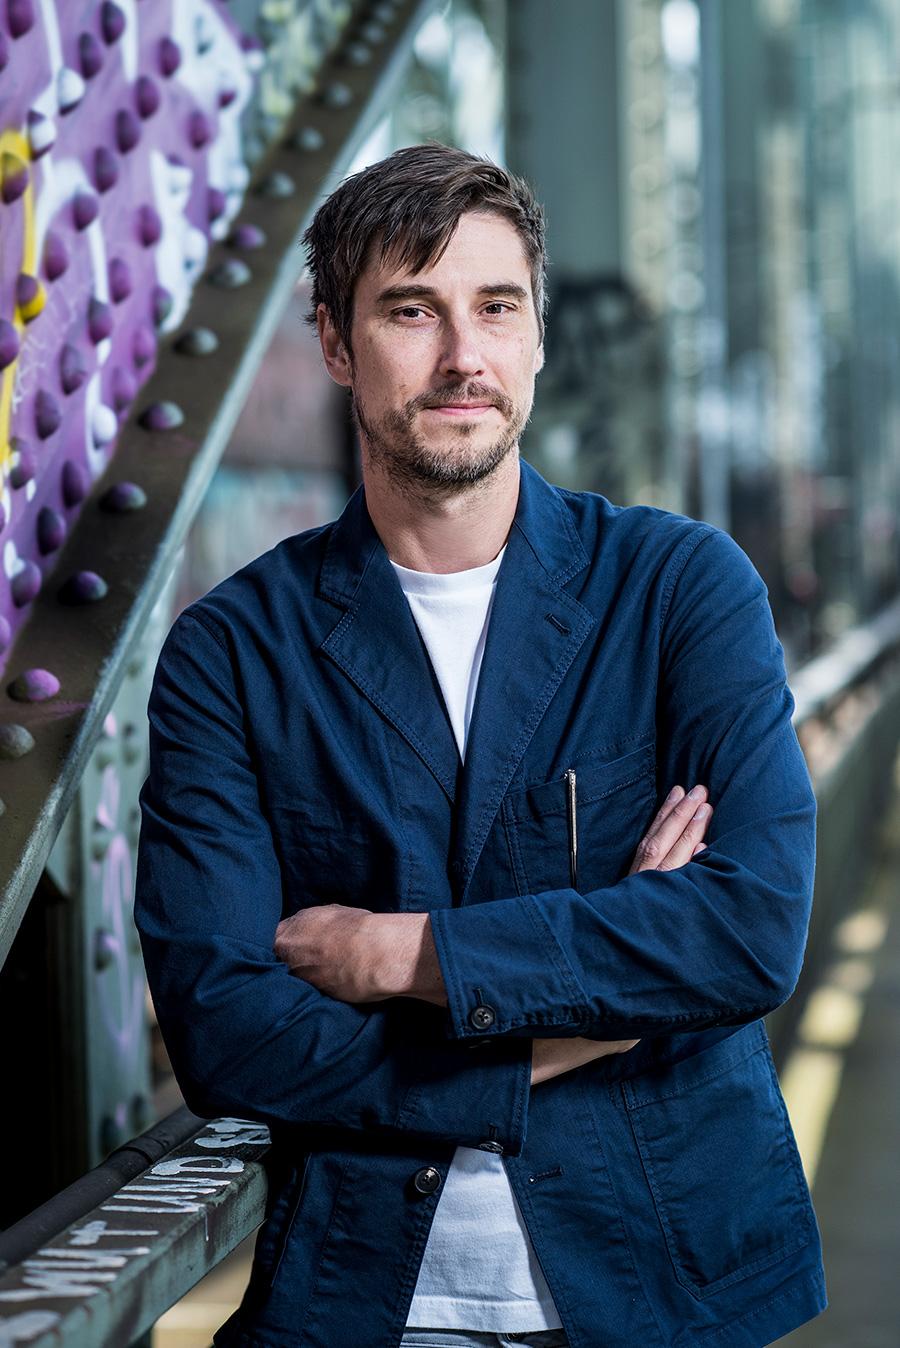 Todd Bracher neocon interview